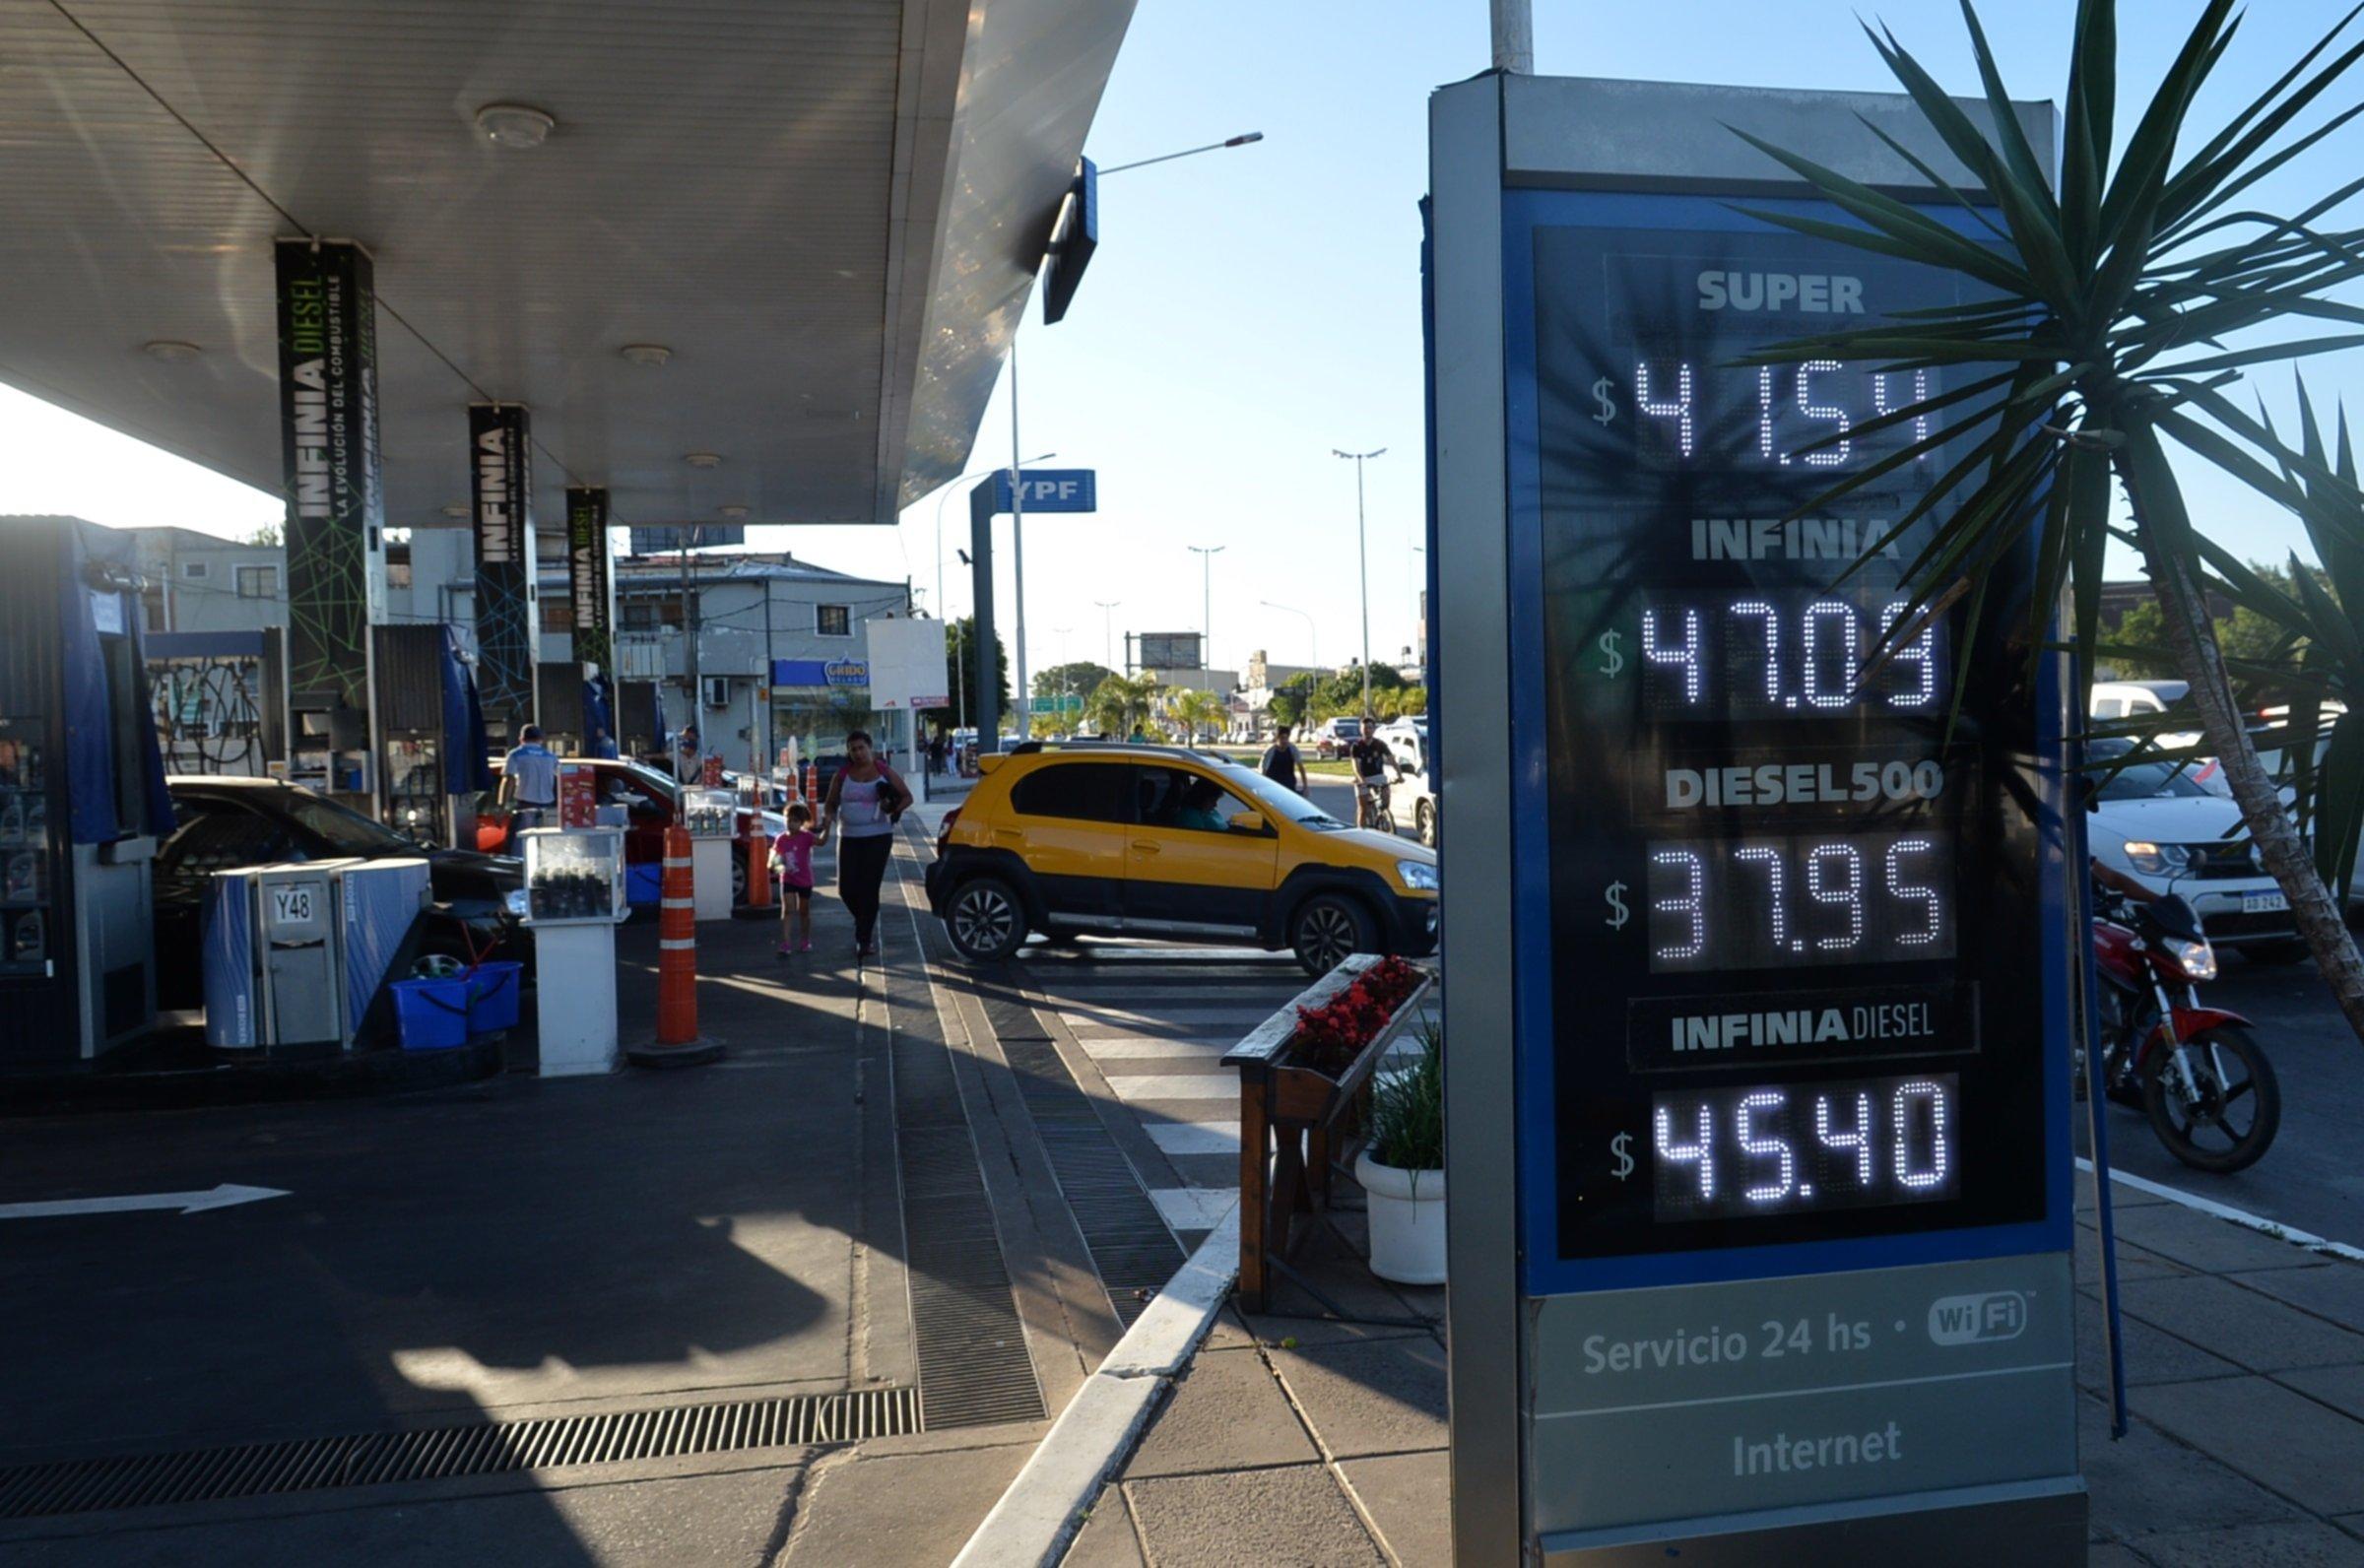 <p>Actualizaci&oacute;n. YPF decidi&oacute; rebajar los precios de sus naftas, pero tambi&eacute;n aplic&oacute; aumentos en el di&eacute;sel.</p>